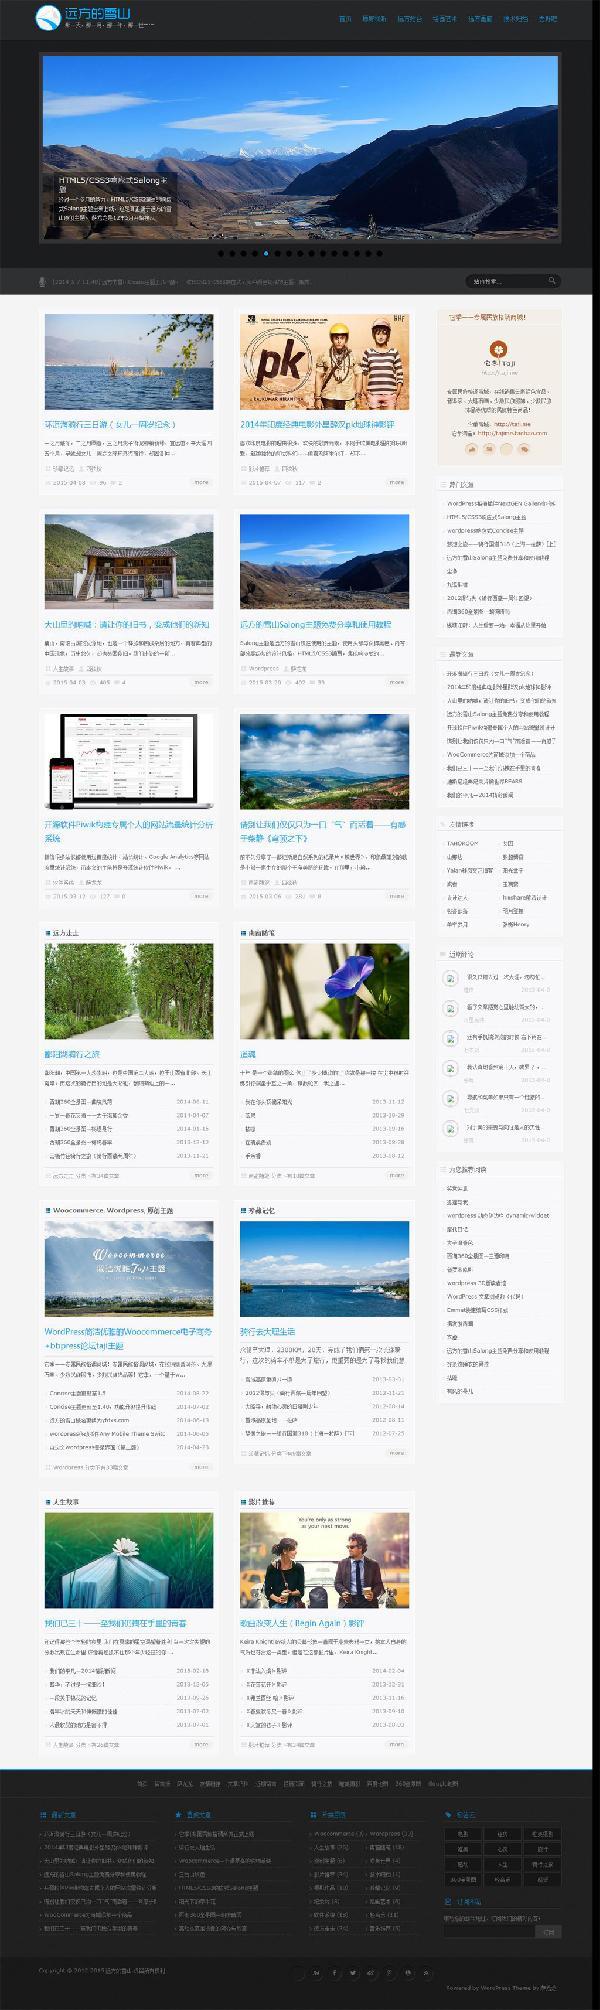 WordPress CMS主题:远方的雪山主题Salong分享